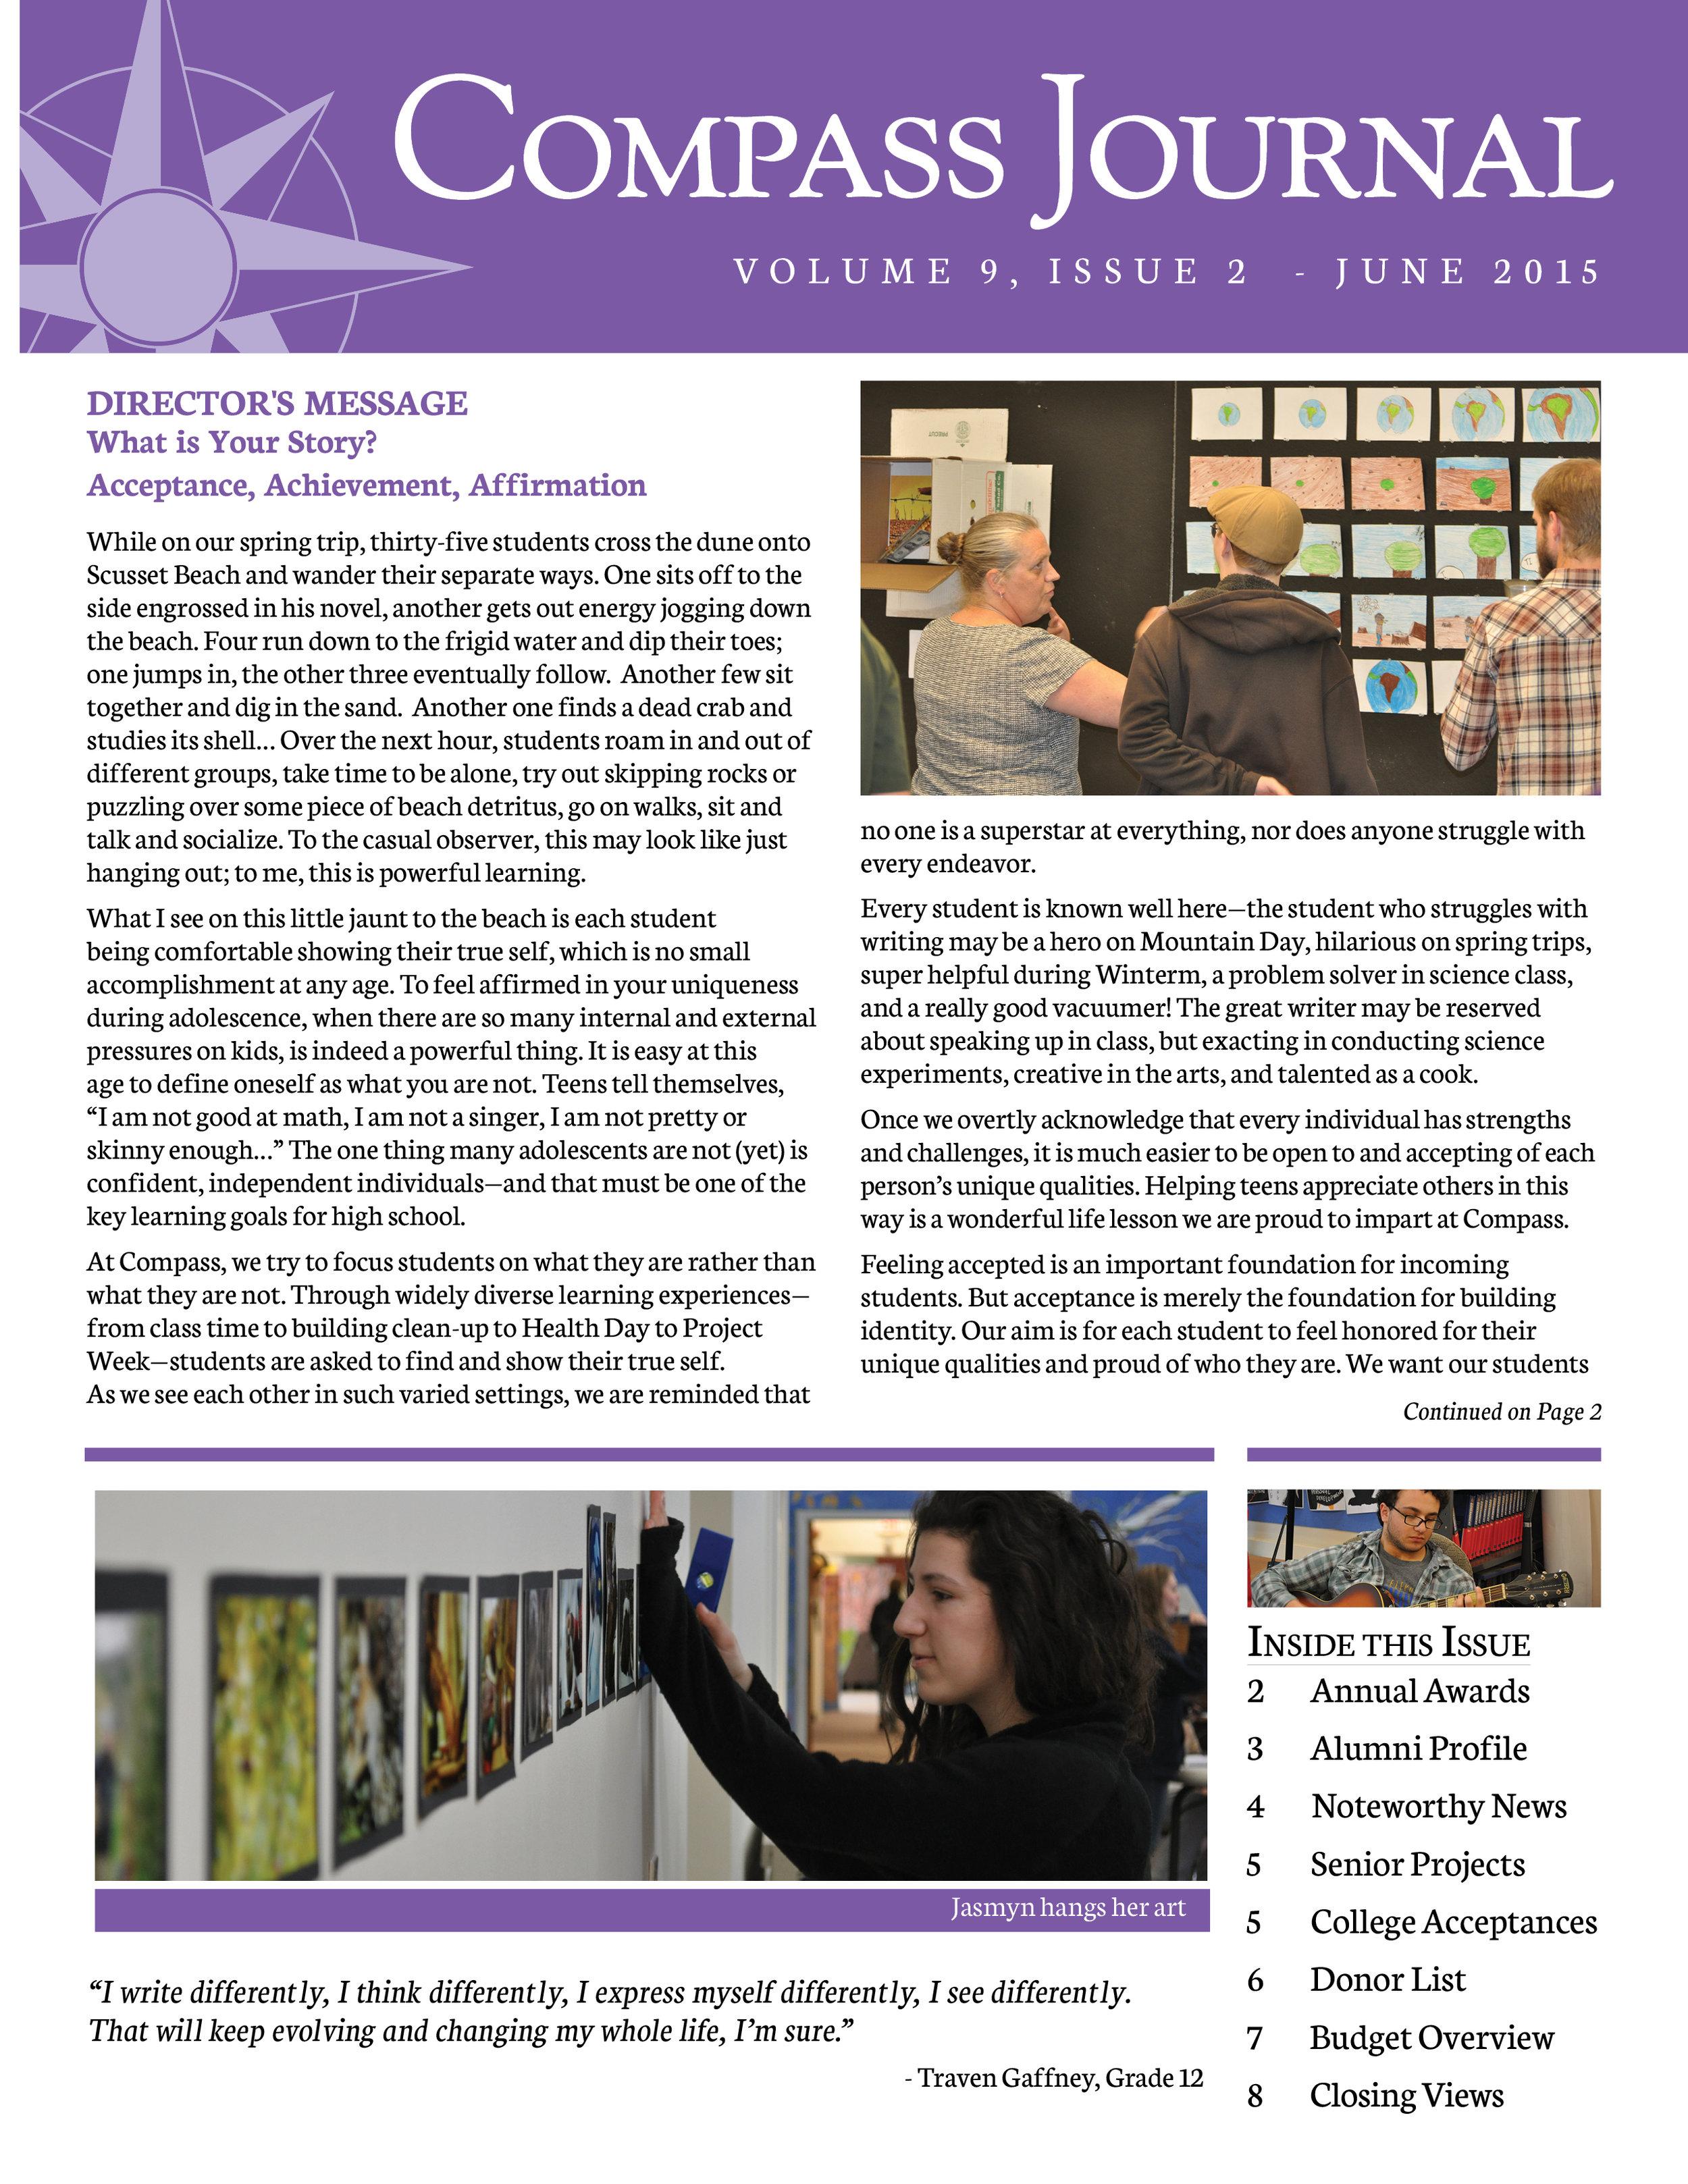 9-2 Journal 2014-15 Spring.jpg